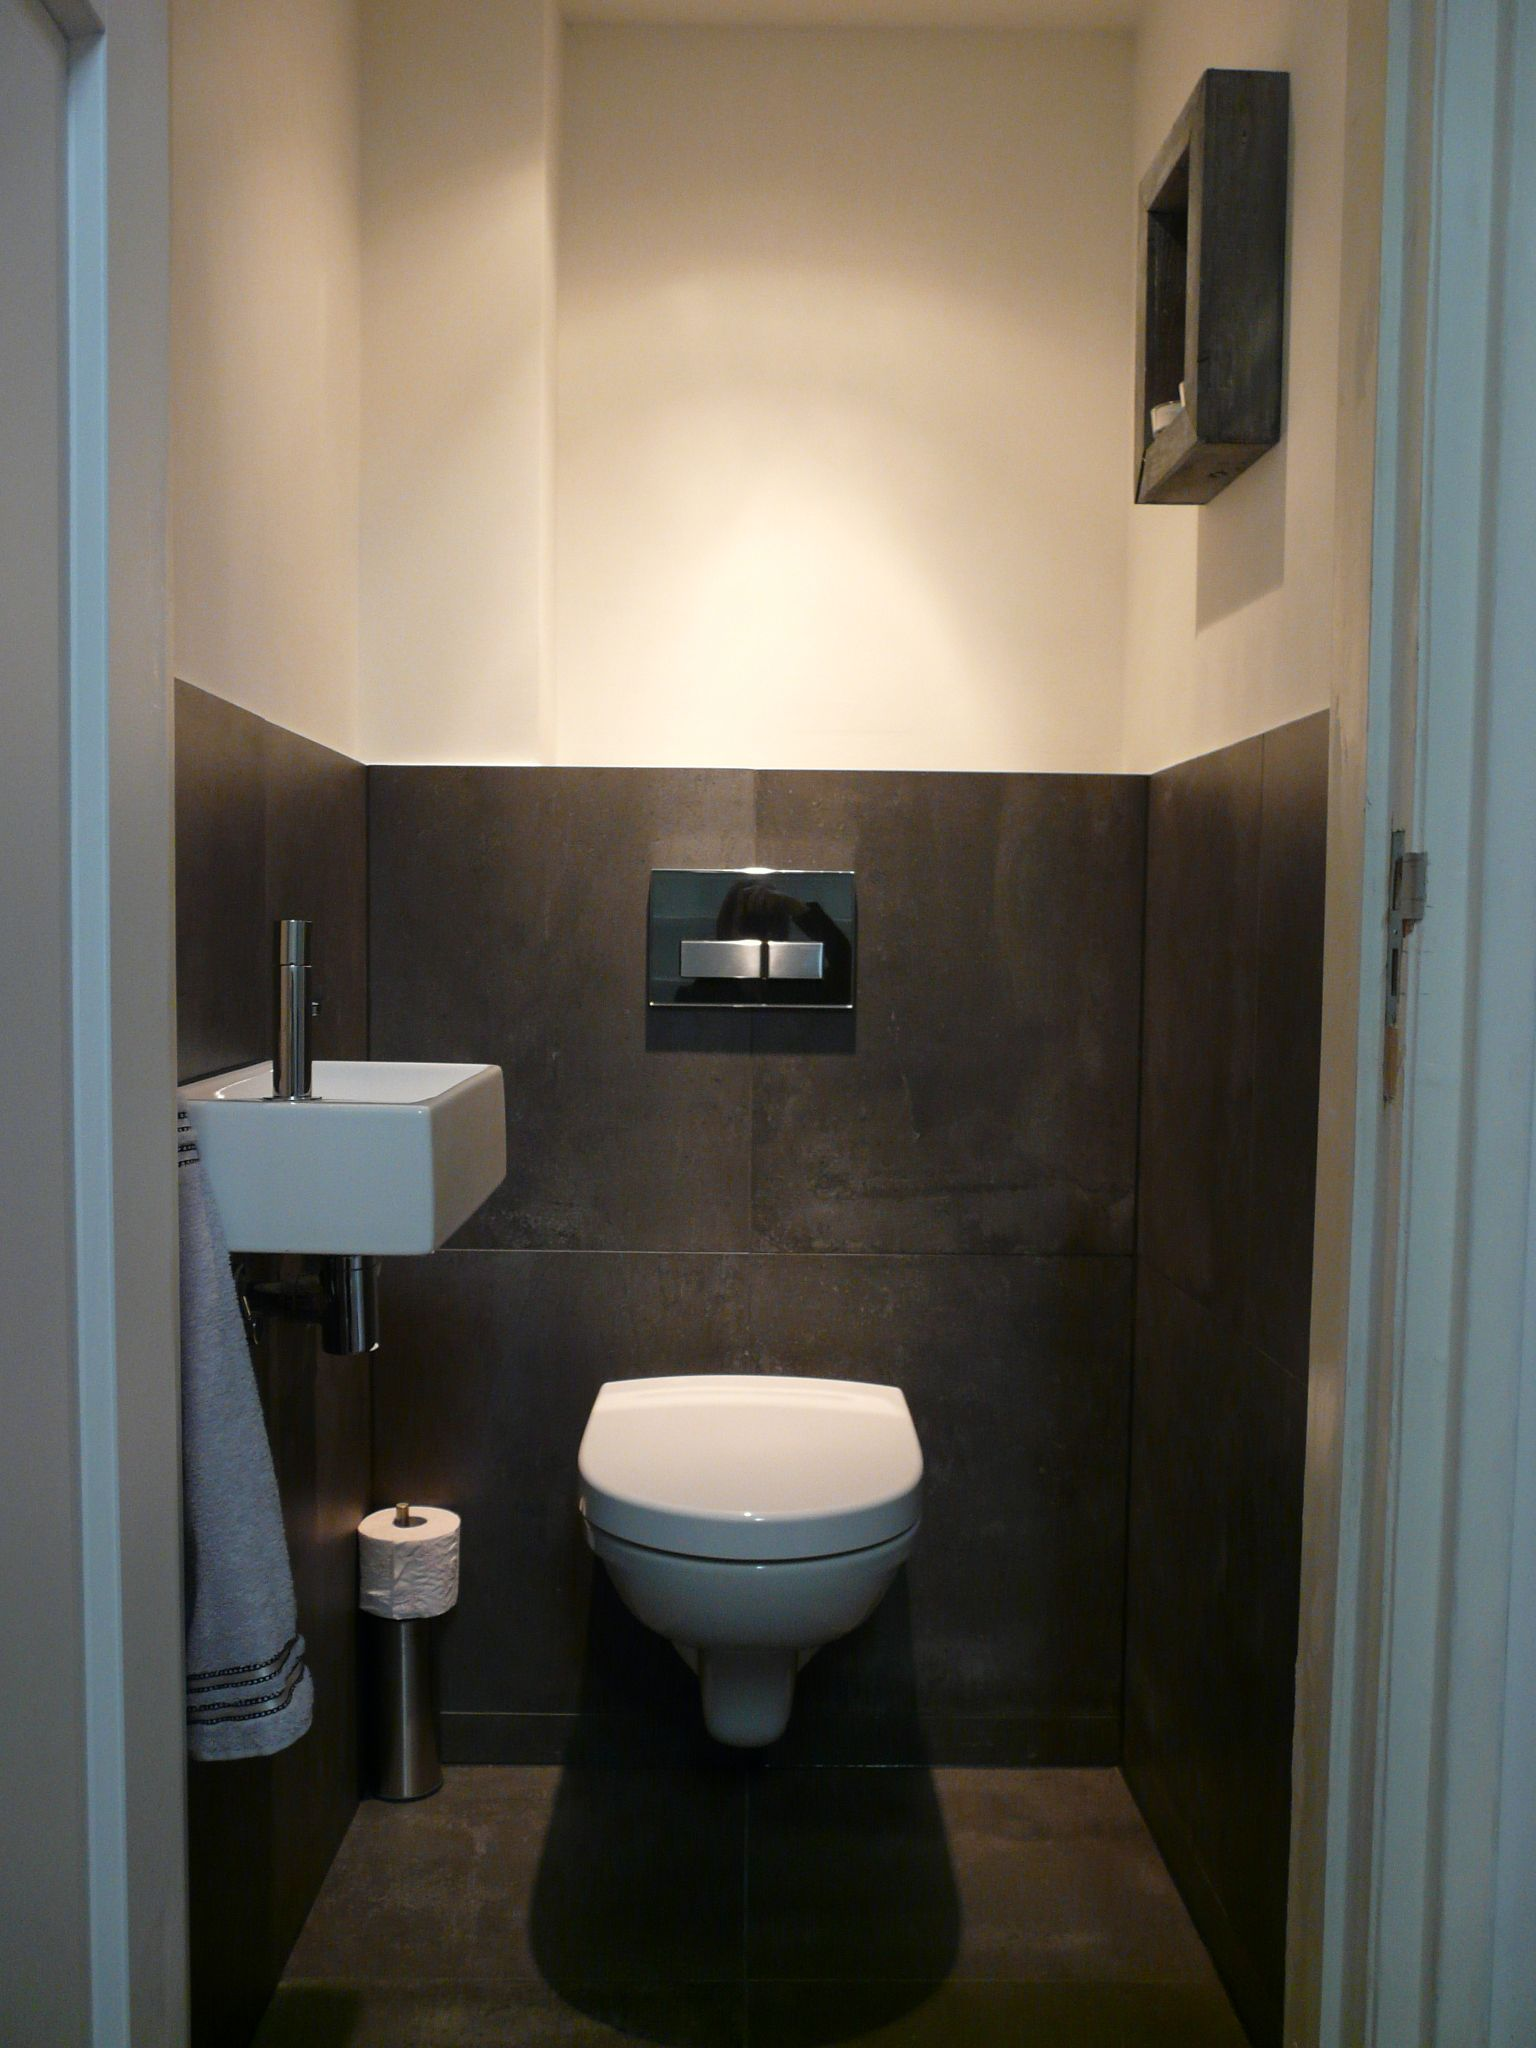 wc apart met donkere vtwonen tegels - Badkamer zuiderloo | Pinterest ...